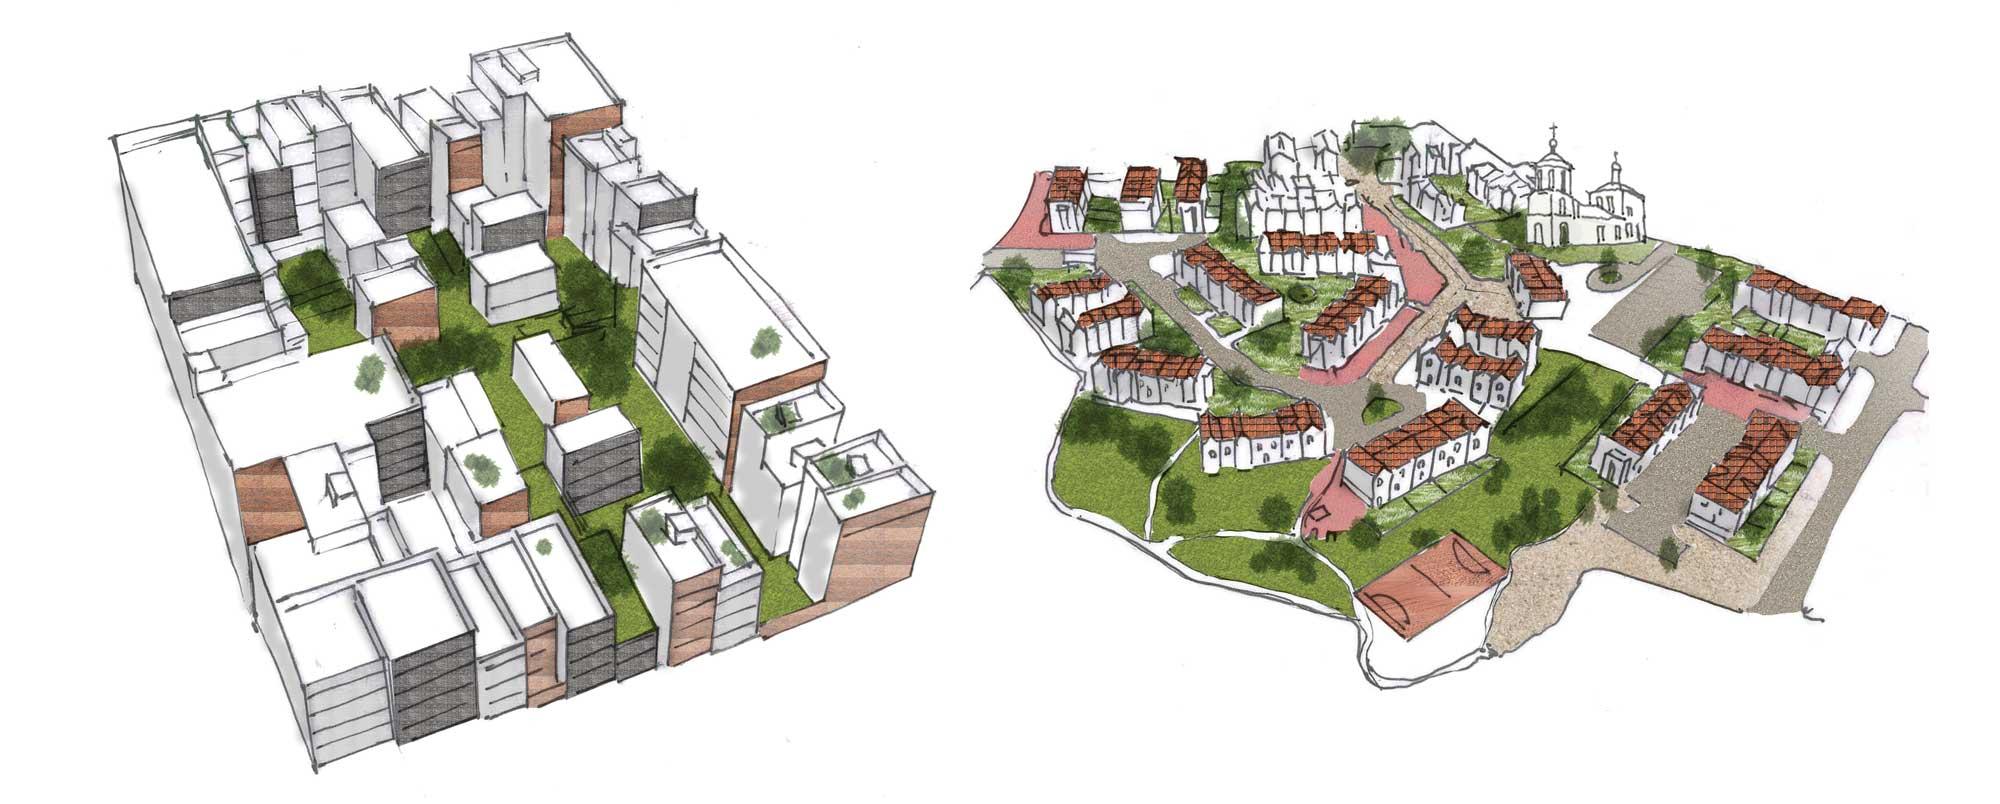 Zones description. Low density/low rise residential quarter | Medium density/medium rise residential quarter